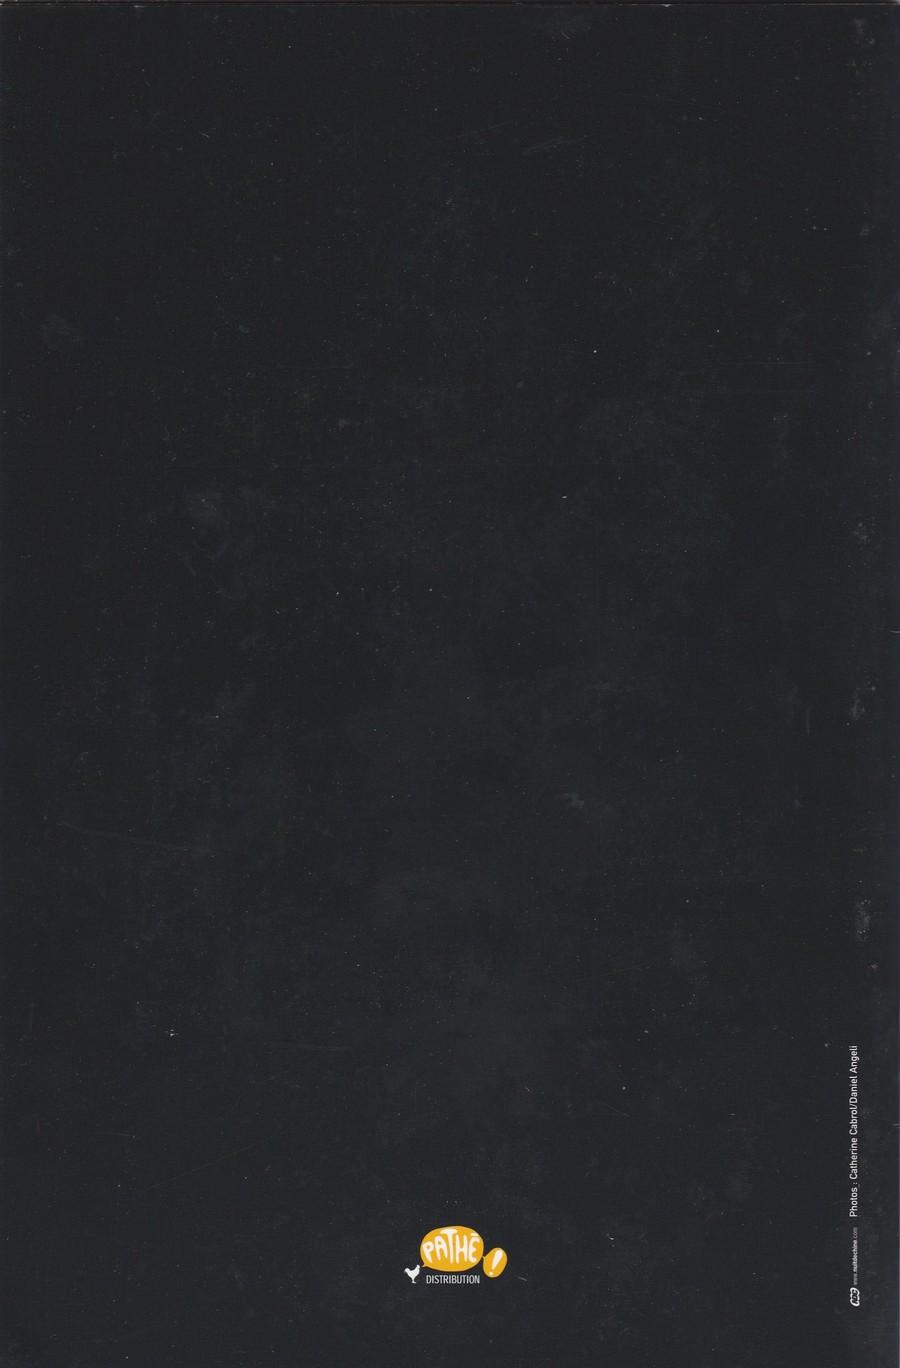 LES FILMS DE JOHNNY 'L'HOMME DU TRAIN' 2002 Img_2756